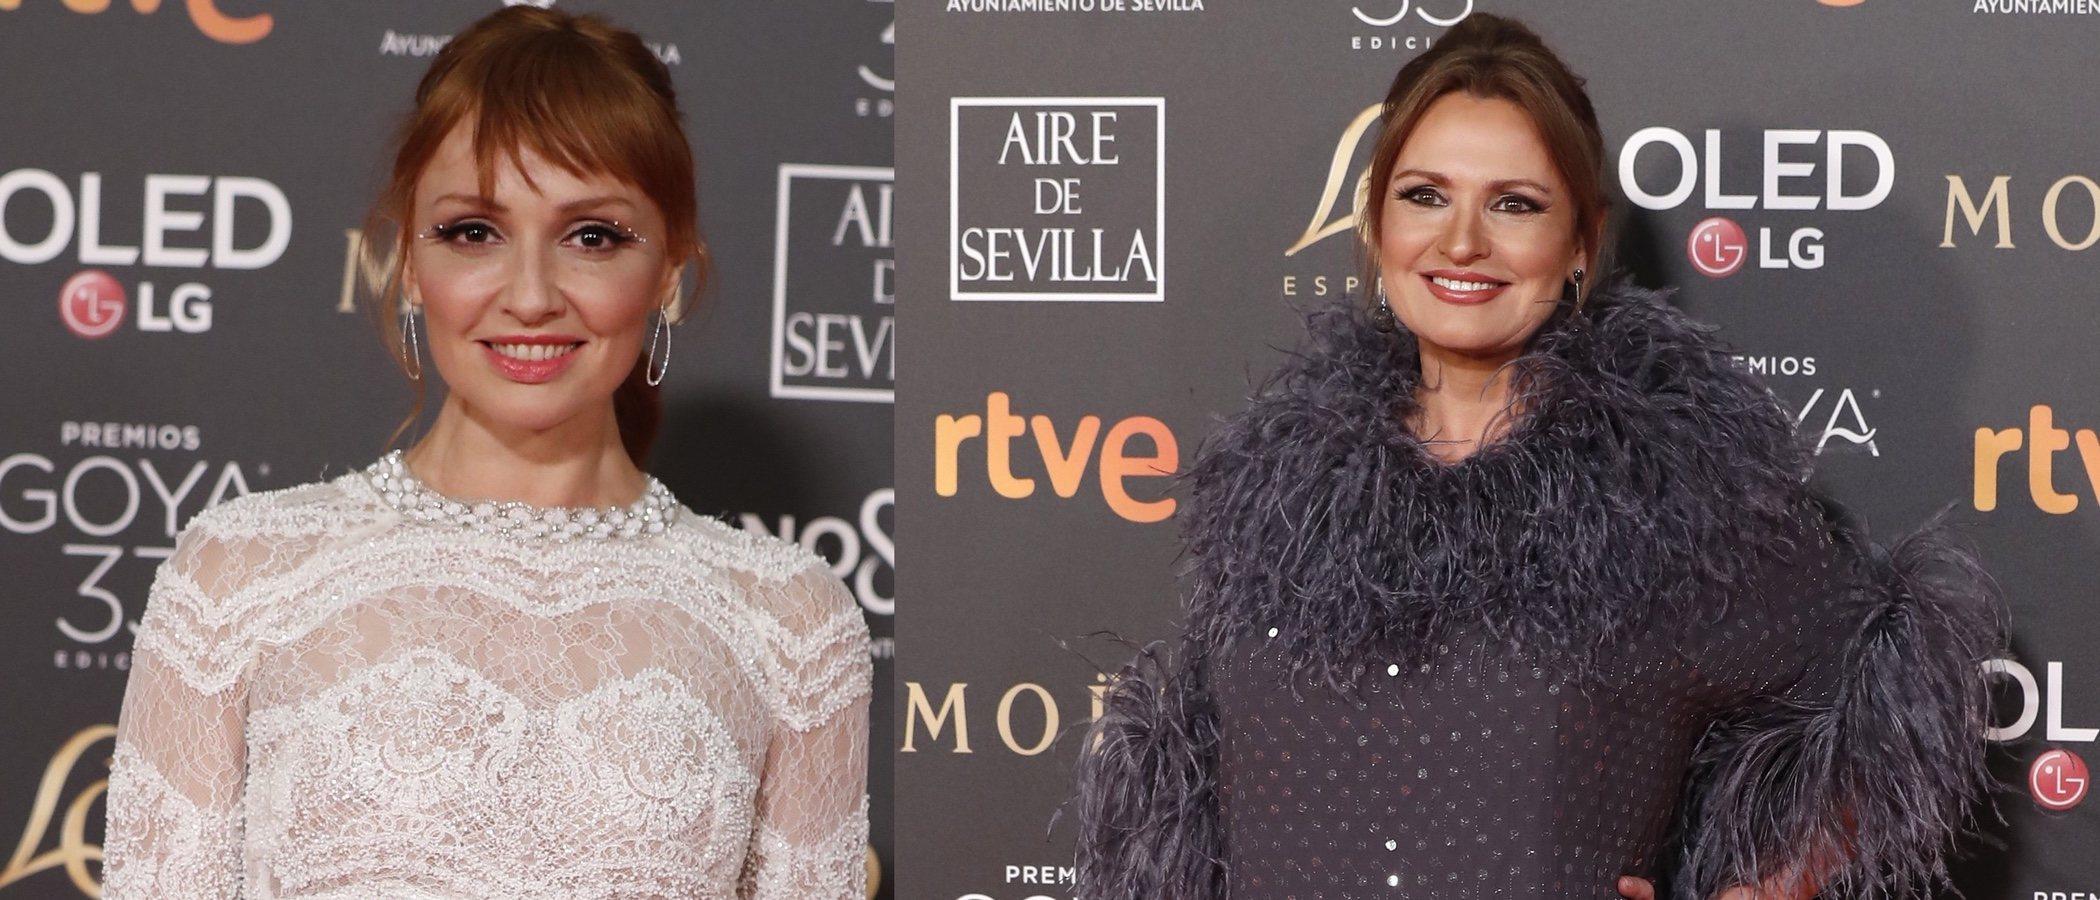 Ainhoa Arteta y Cristina Castaño, entre las peor vestidas de los Premios Goya 2019